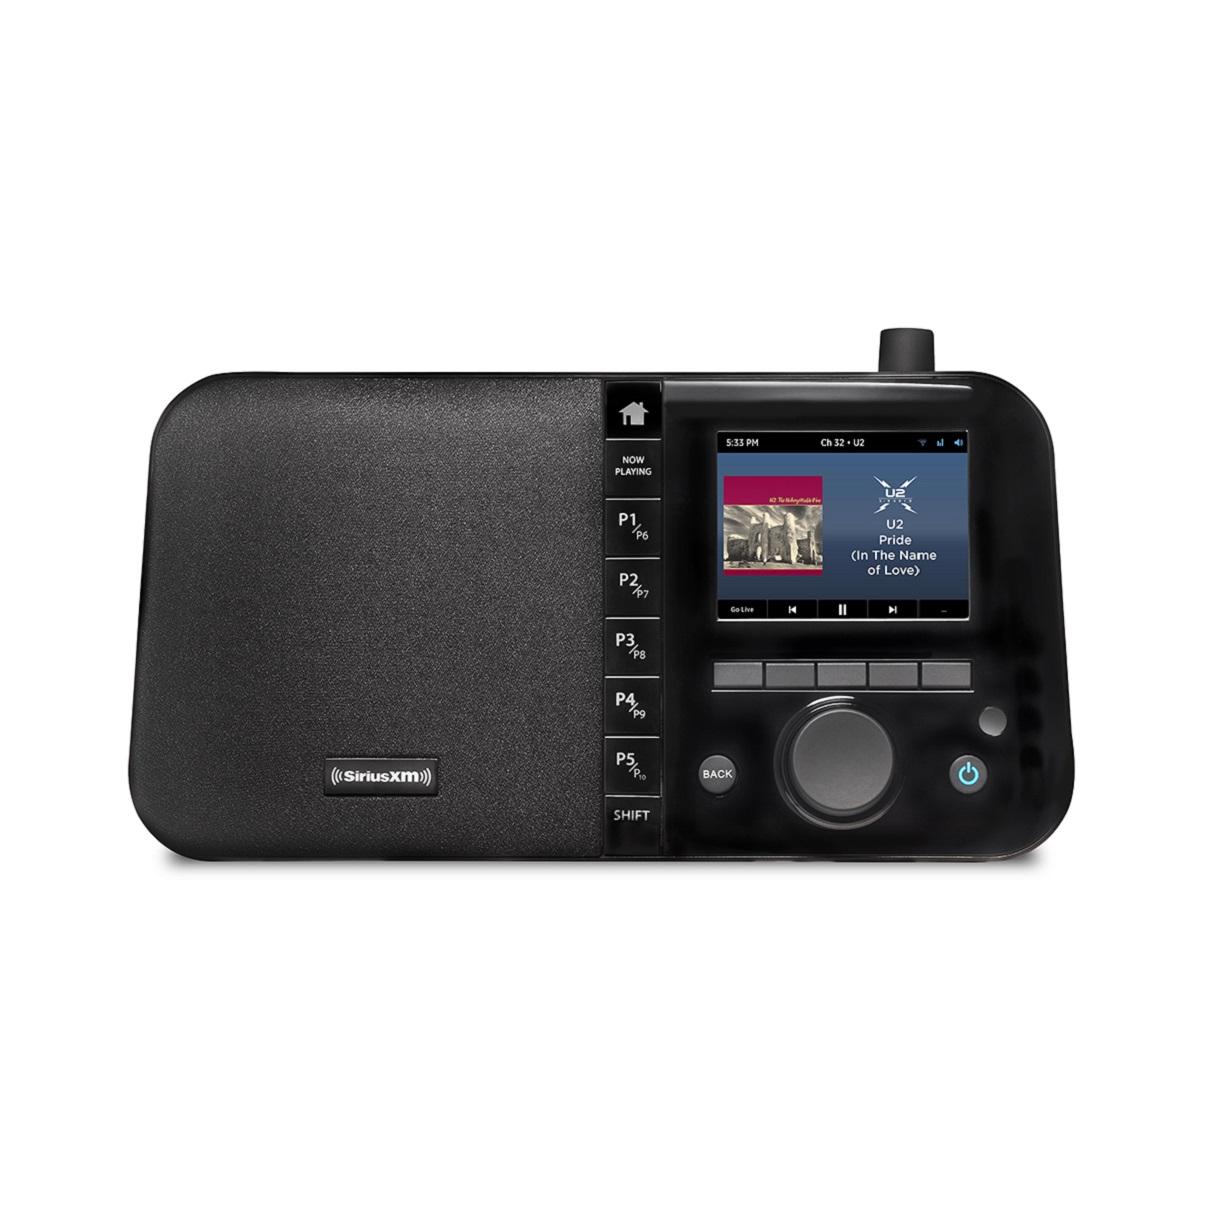 Shop SiriusXM - SiriusXM Wi-Fi Sound Station - ONE_SIZE-IMAGE01